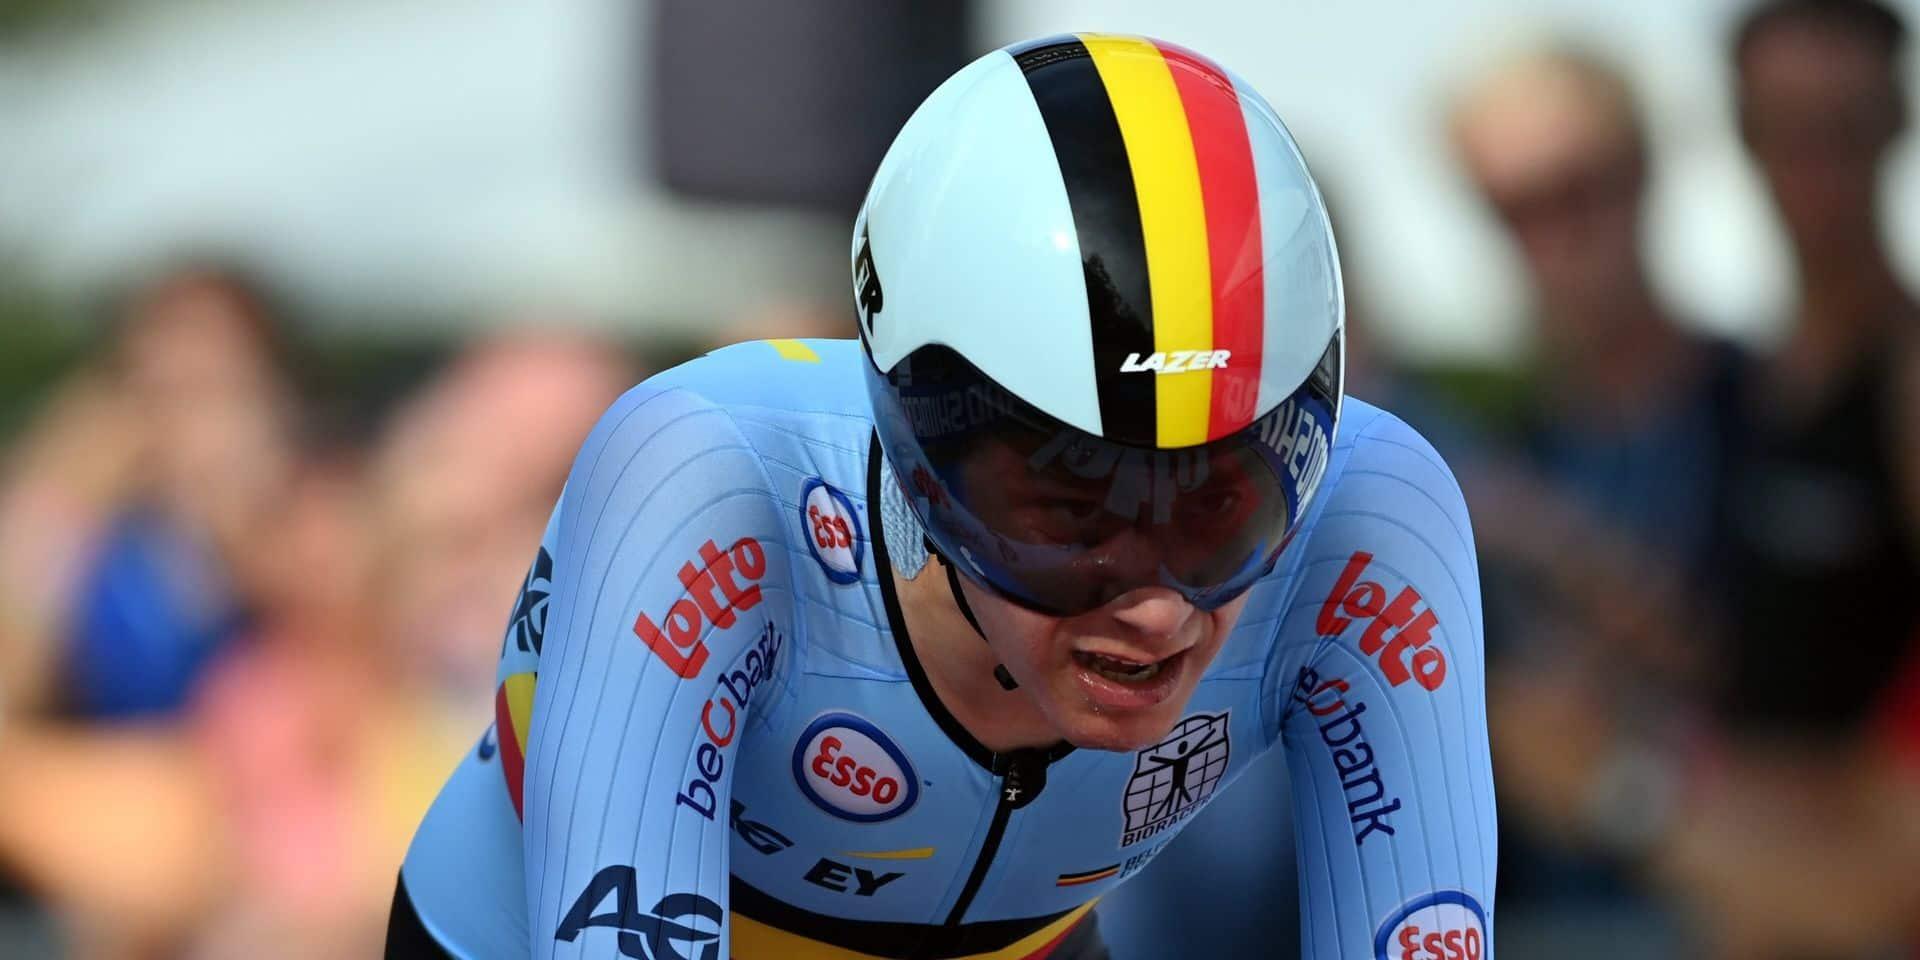 """Pas de médaille pour Cian Uijtdebroeks au Mondial de chrono: """"J'ai tout donné"""""""